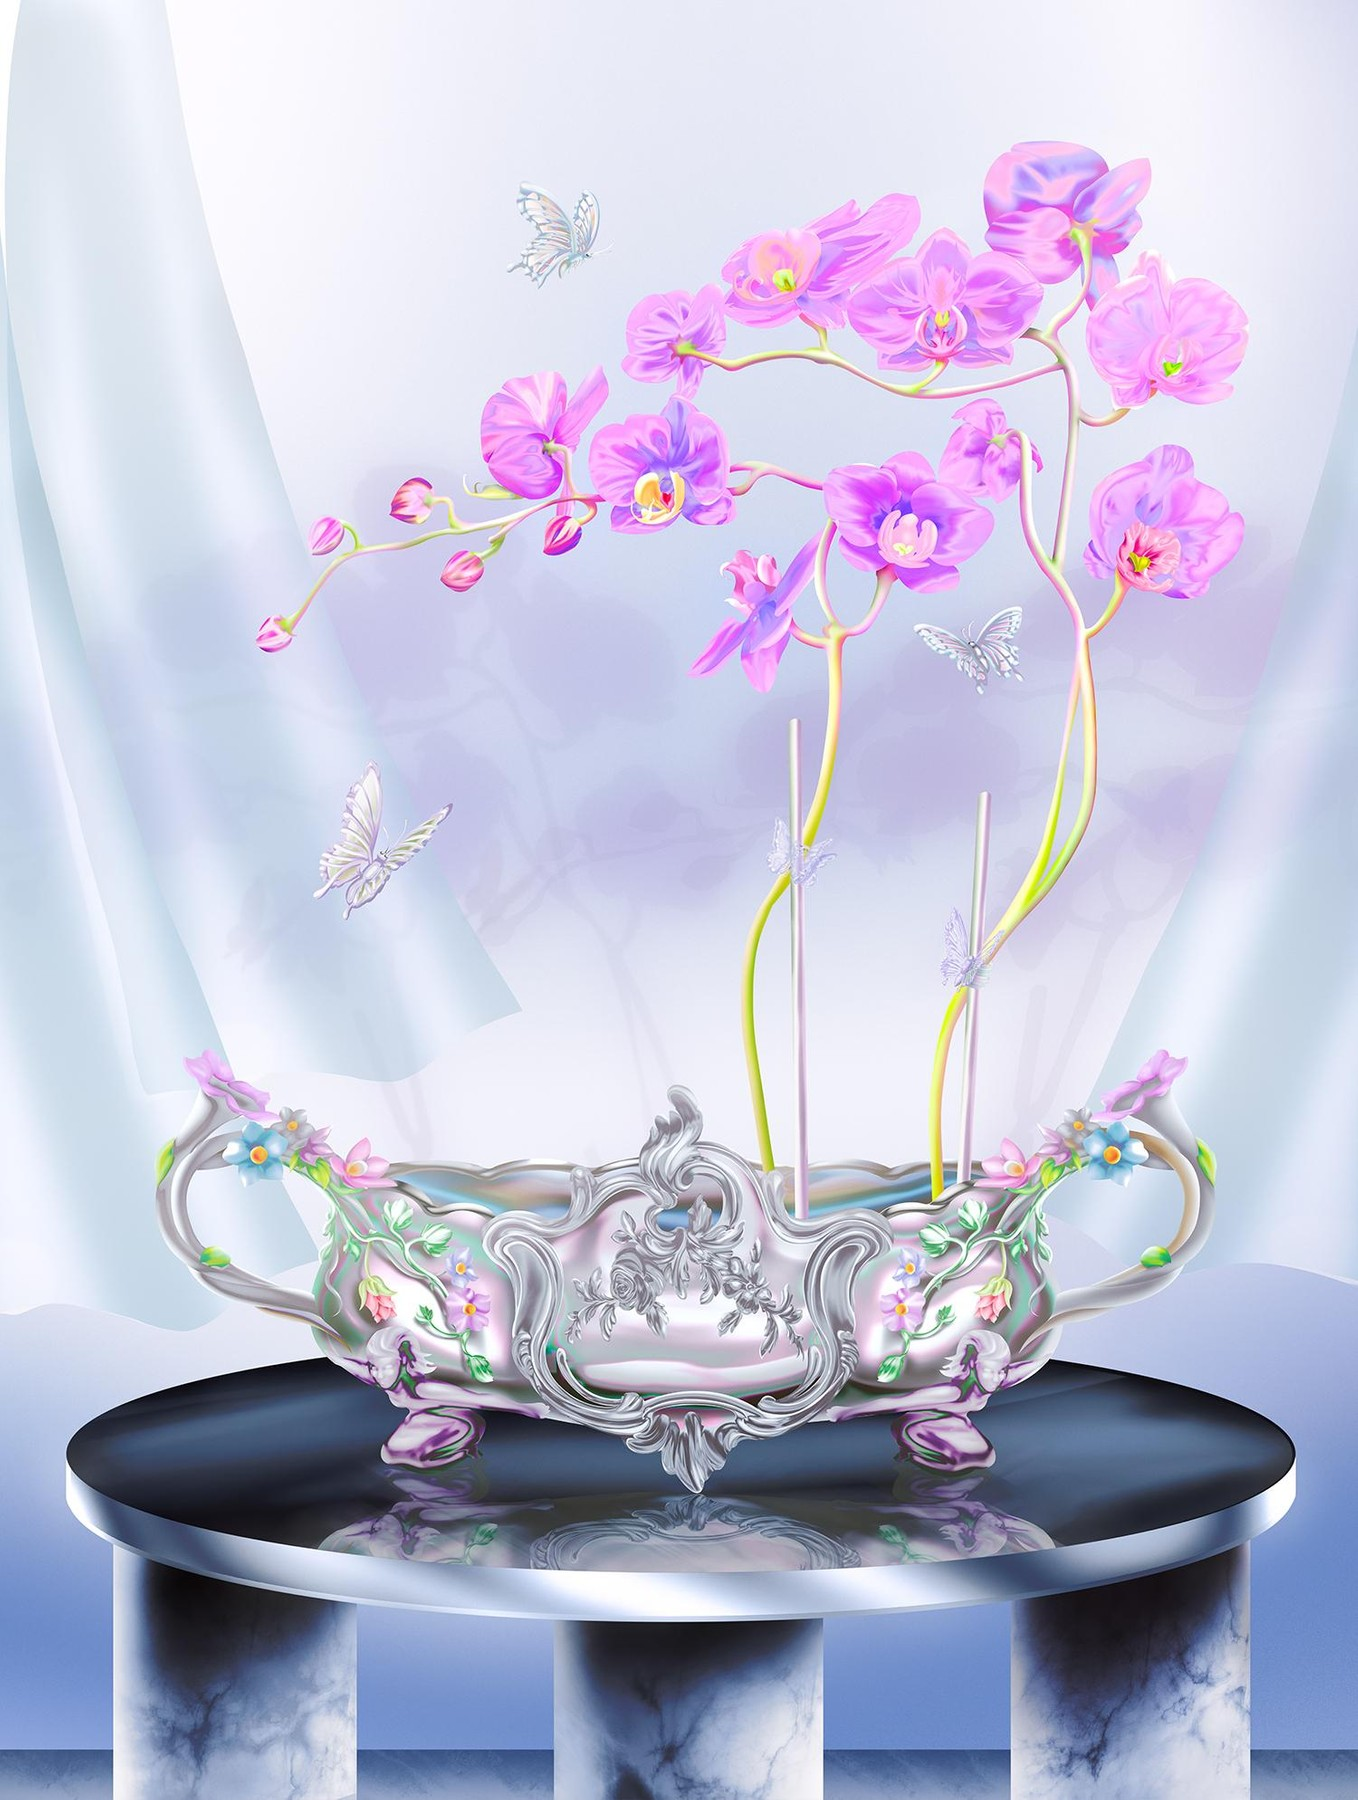 orchids_final_merged.jpg